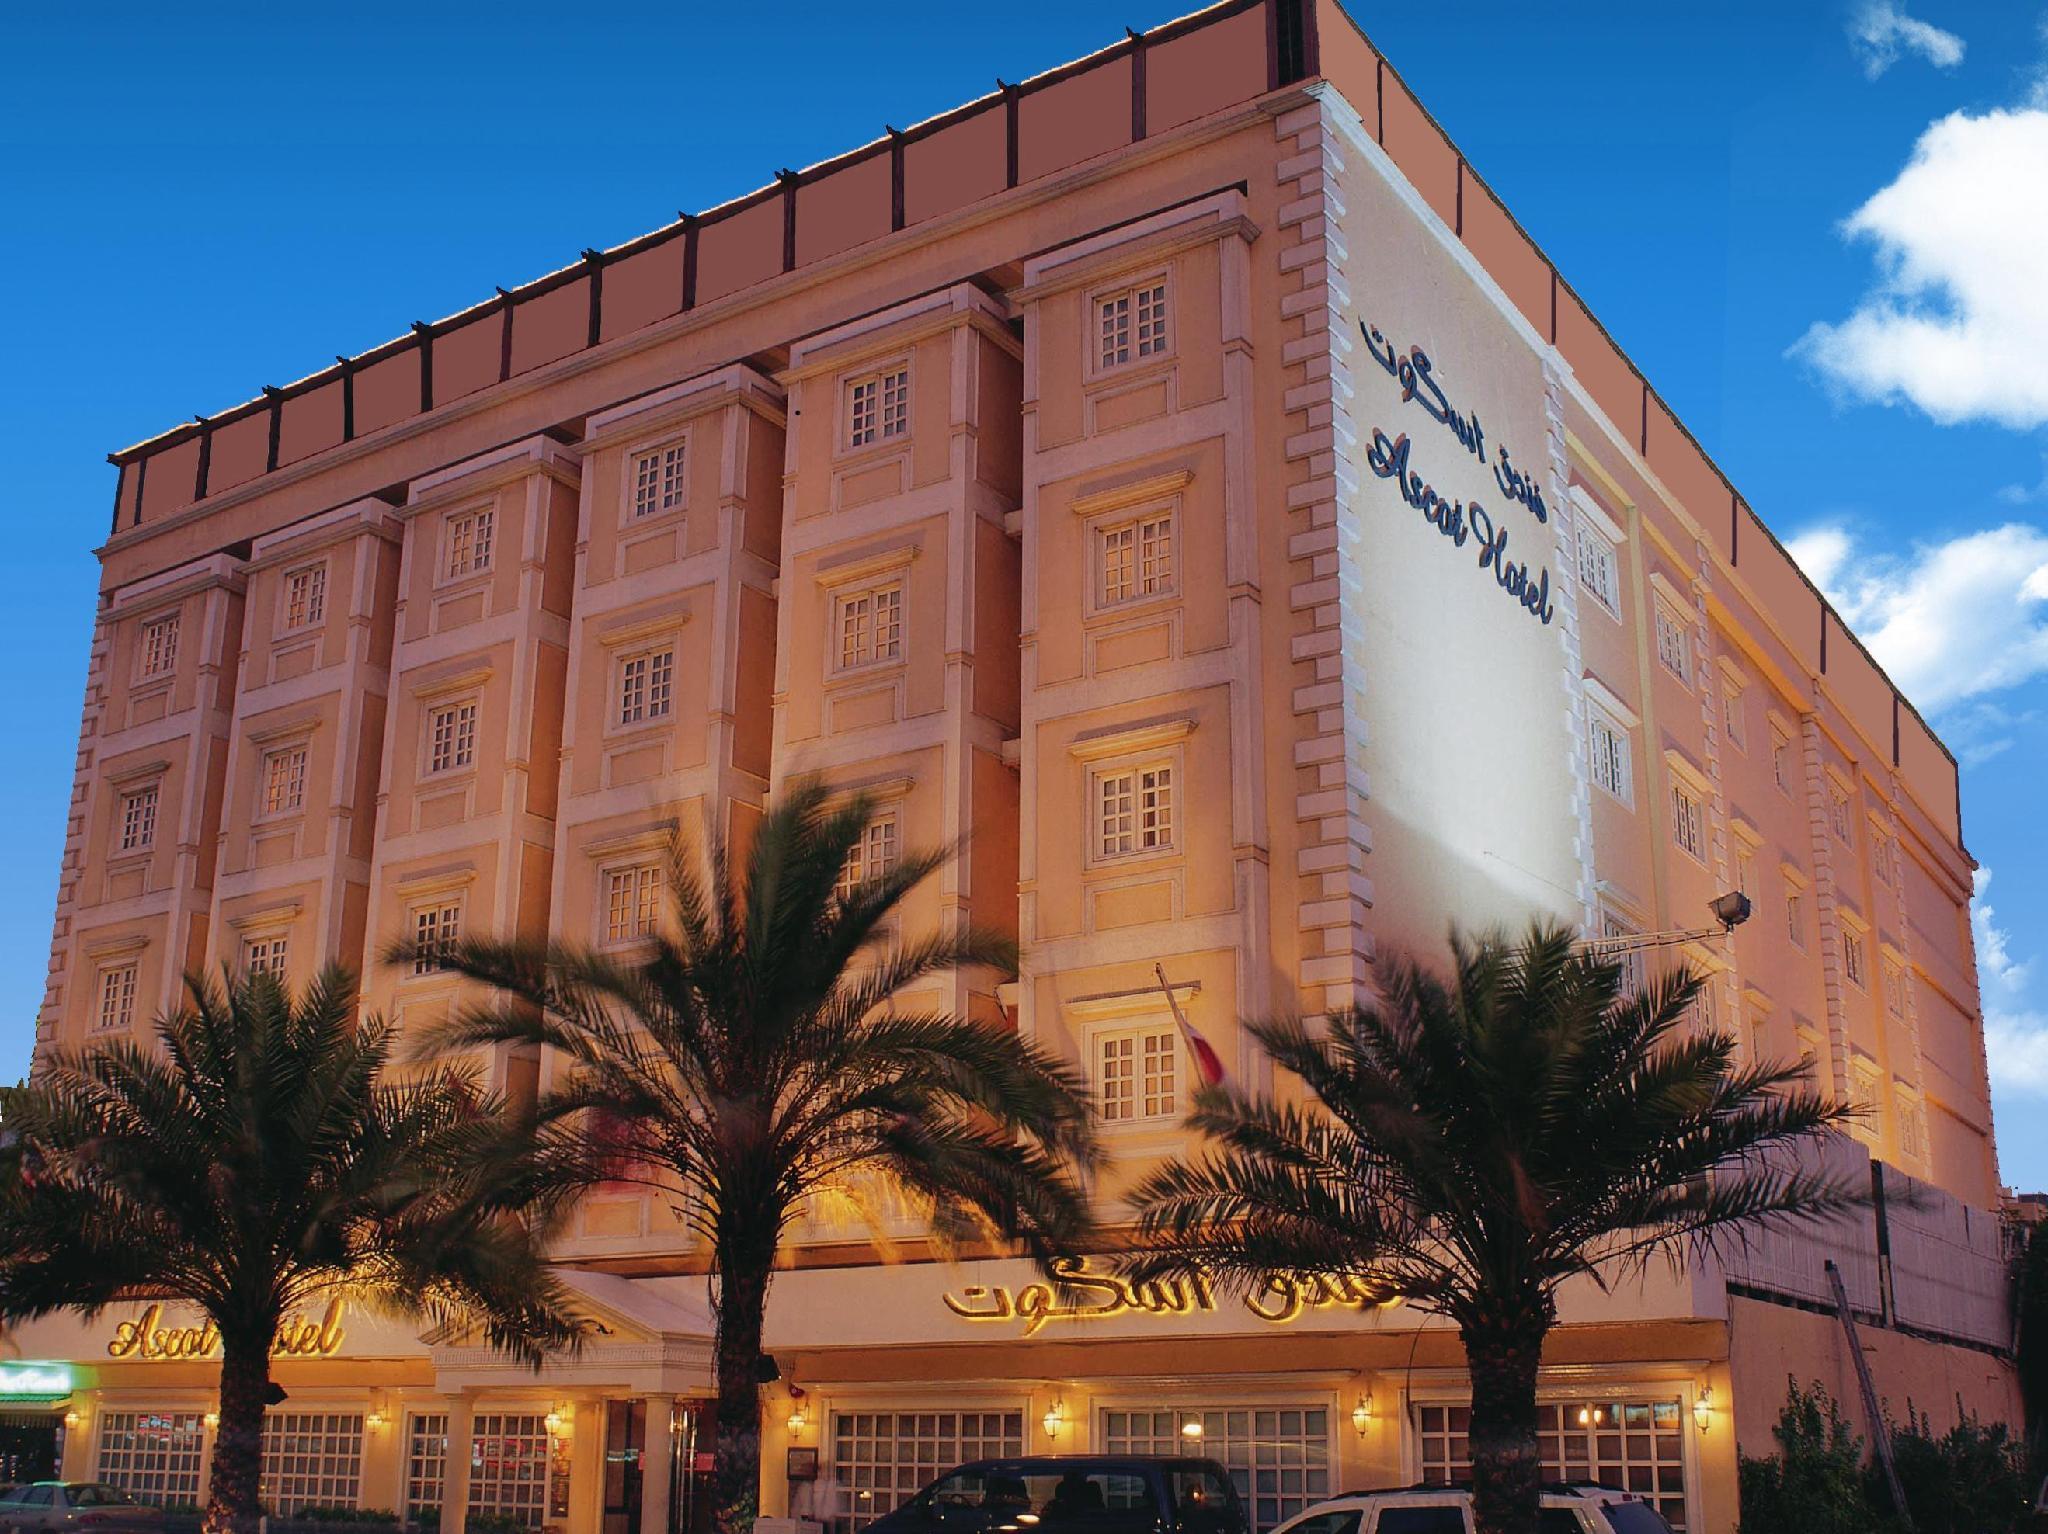 Ascot Hotel - Bur Dubai, Dubai, United Arab Emirates